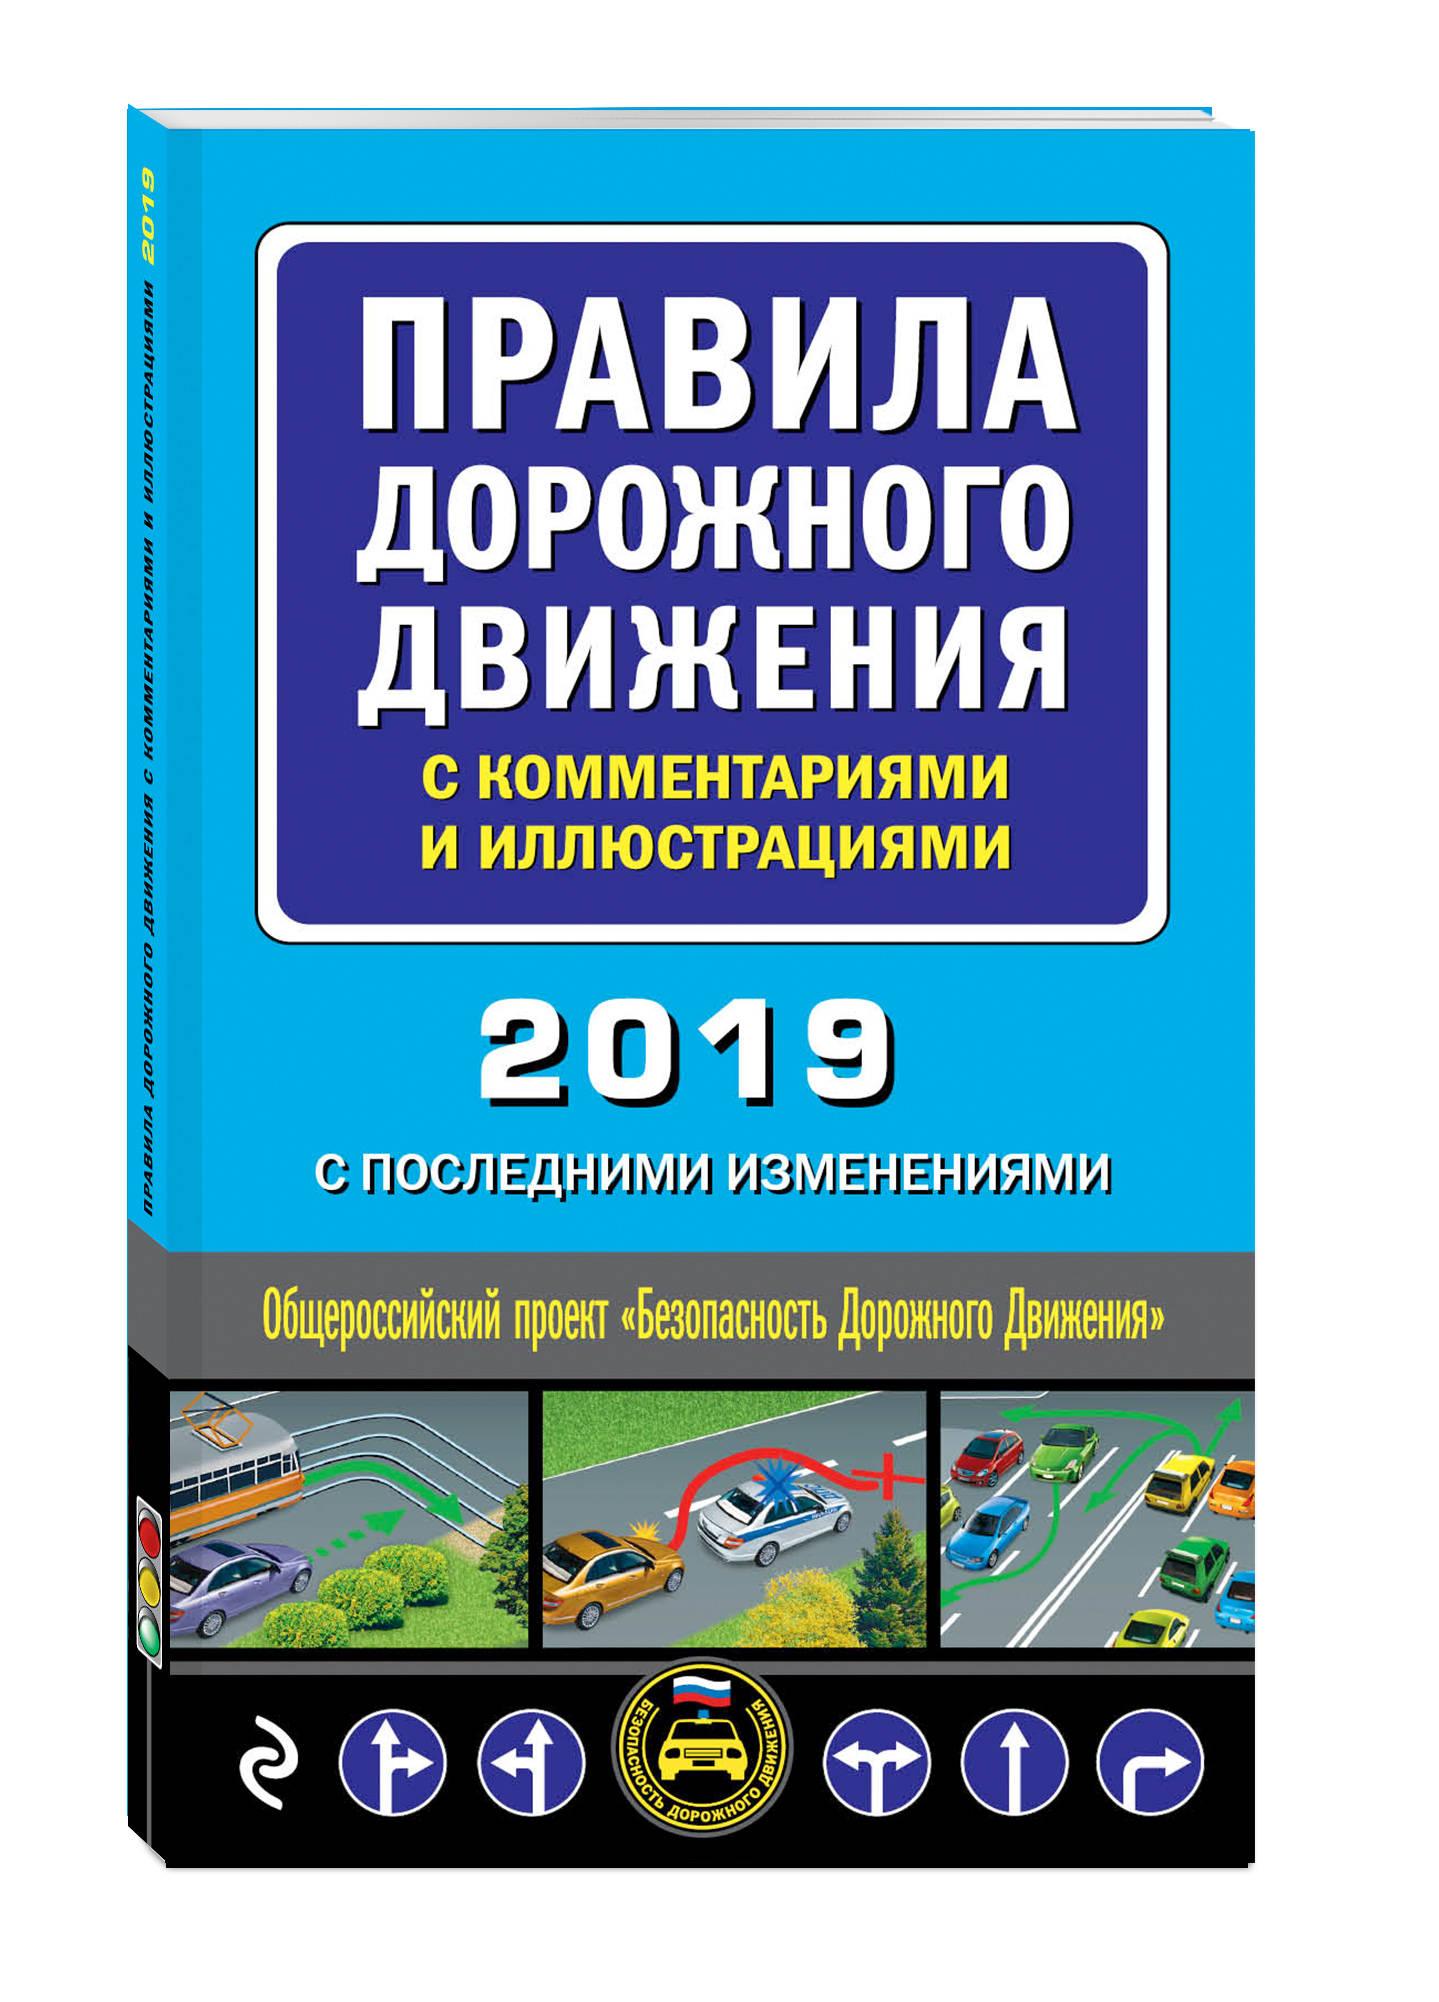 Правила дорожного движения с комментариями и иллюстрациями (с последними изменениями на 2019 г.) семенов и учебник по устройству легкового автомобиля с цветными иллюстрациями